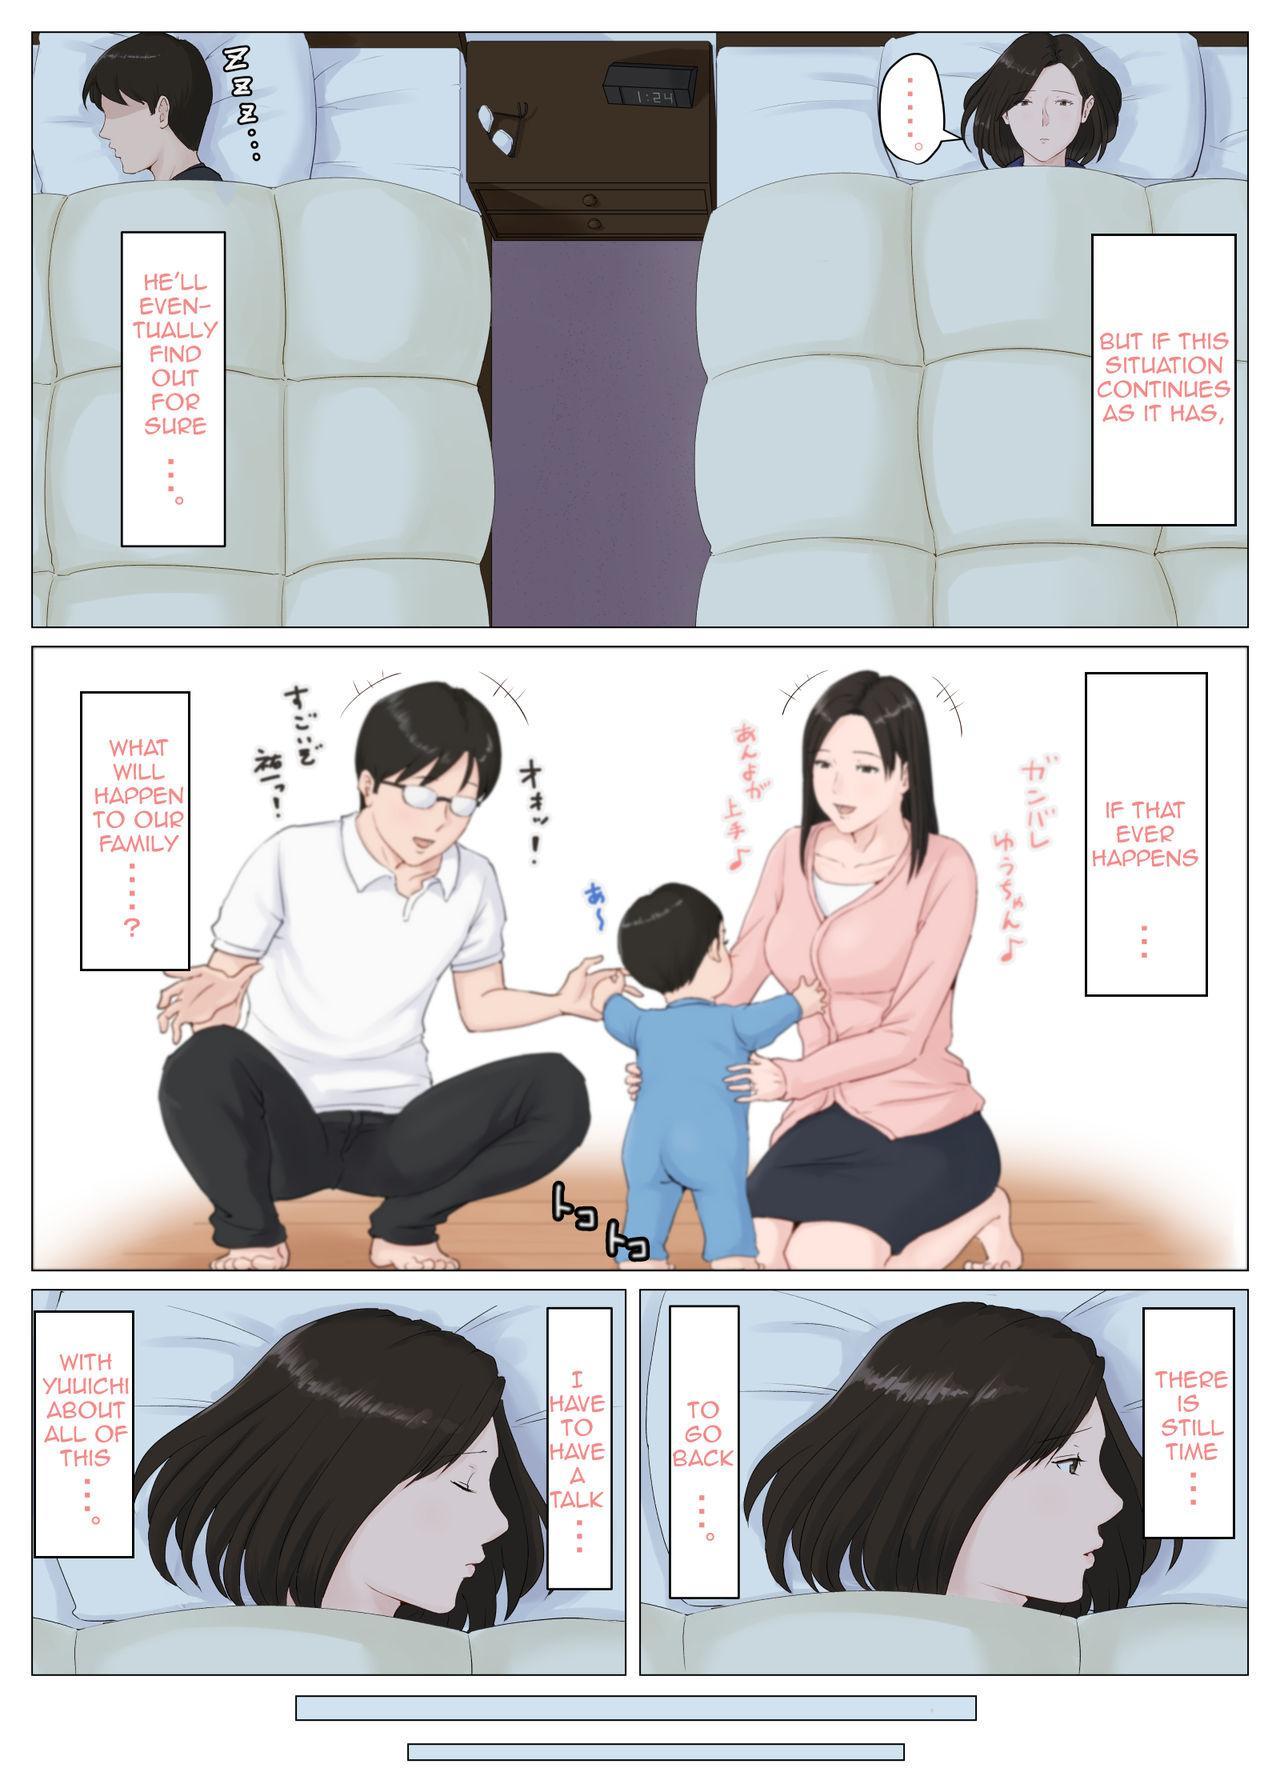 [Horsetail] Kaa-san Janakya Dame Nanda!! 5 ~Kanketsuhen Zenpen~| Mother, It Has to Be You ~Conclusion Part 1~[English][Amoskandy] 98